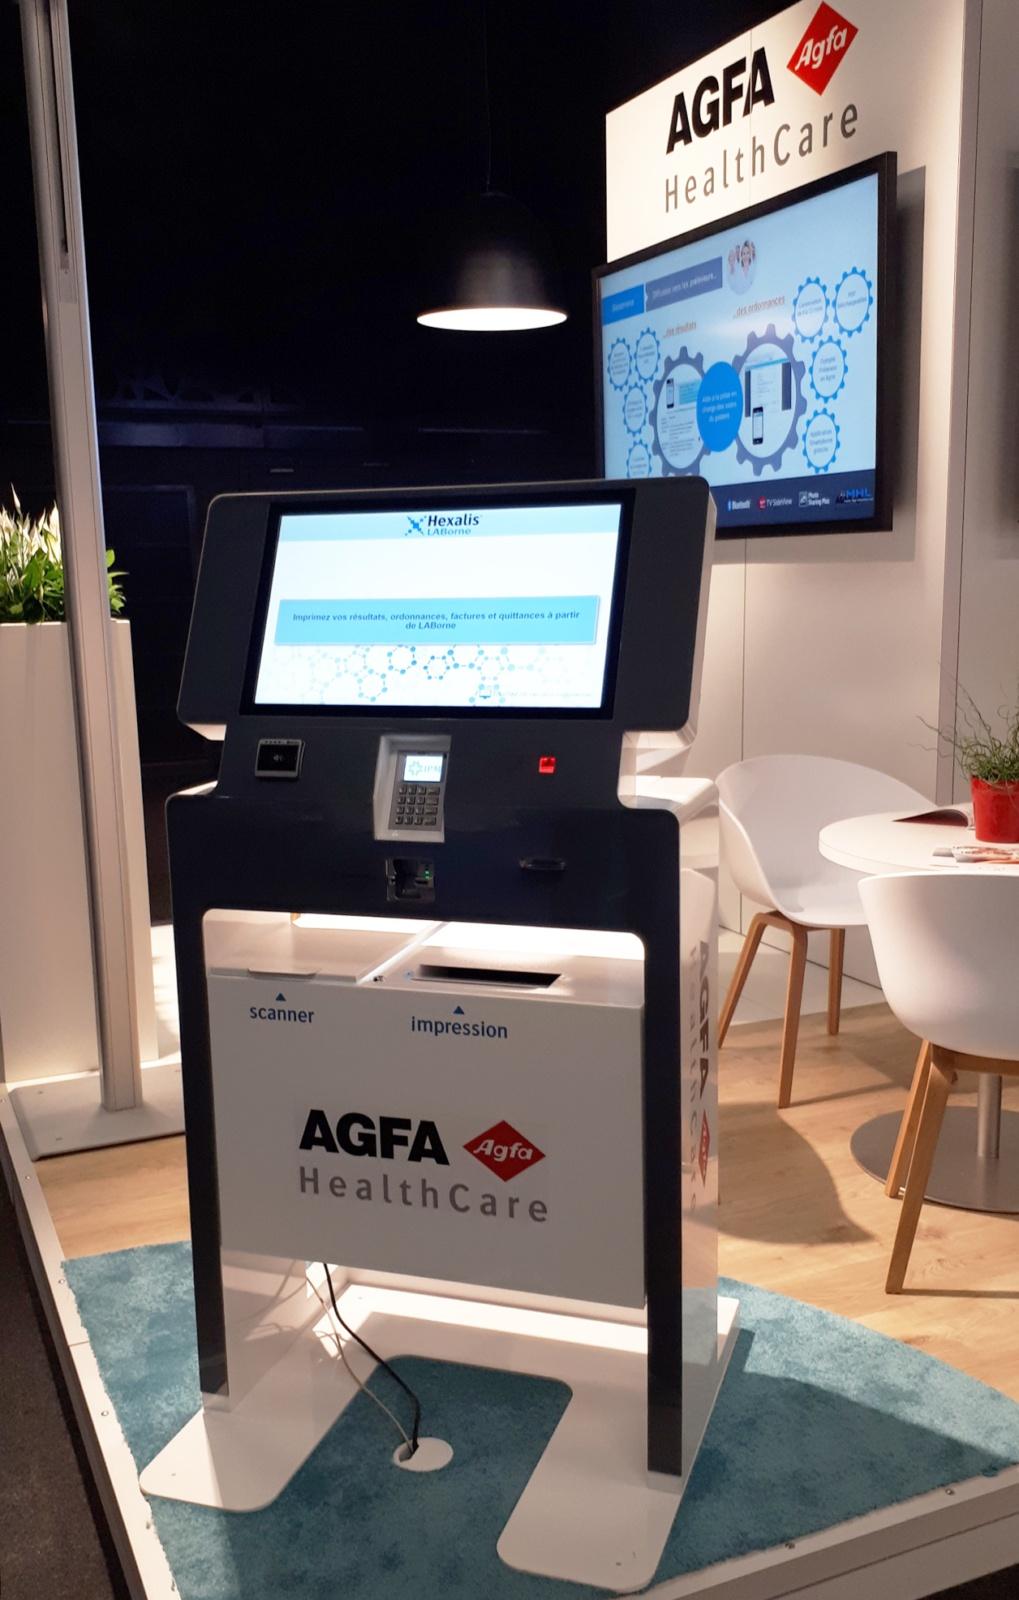 Borne interactive accueil patient santé Agfa HealthCare IPM France JIB 2018